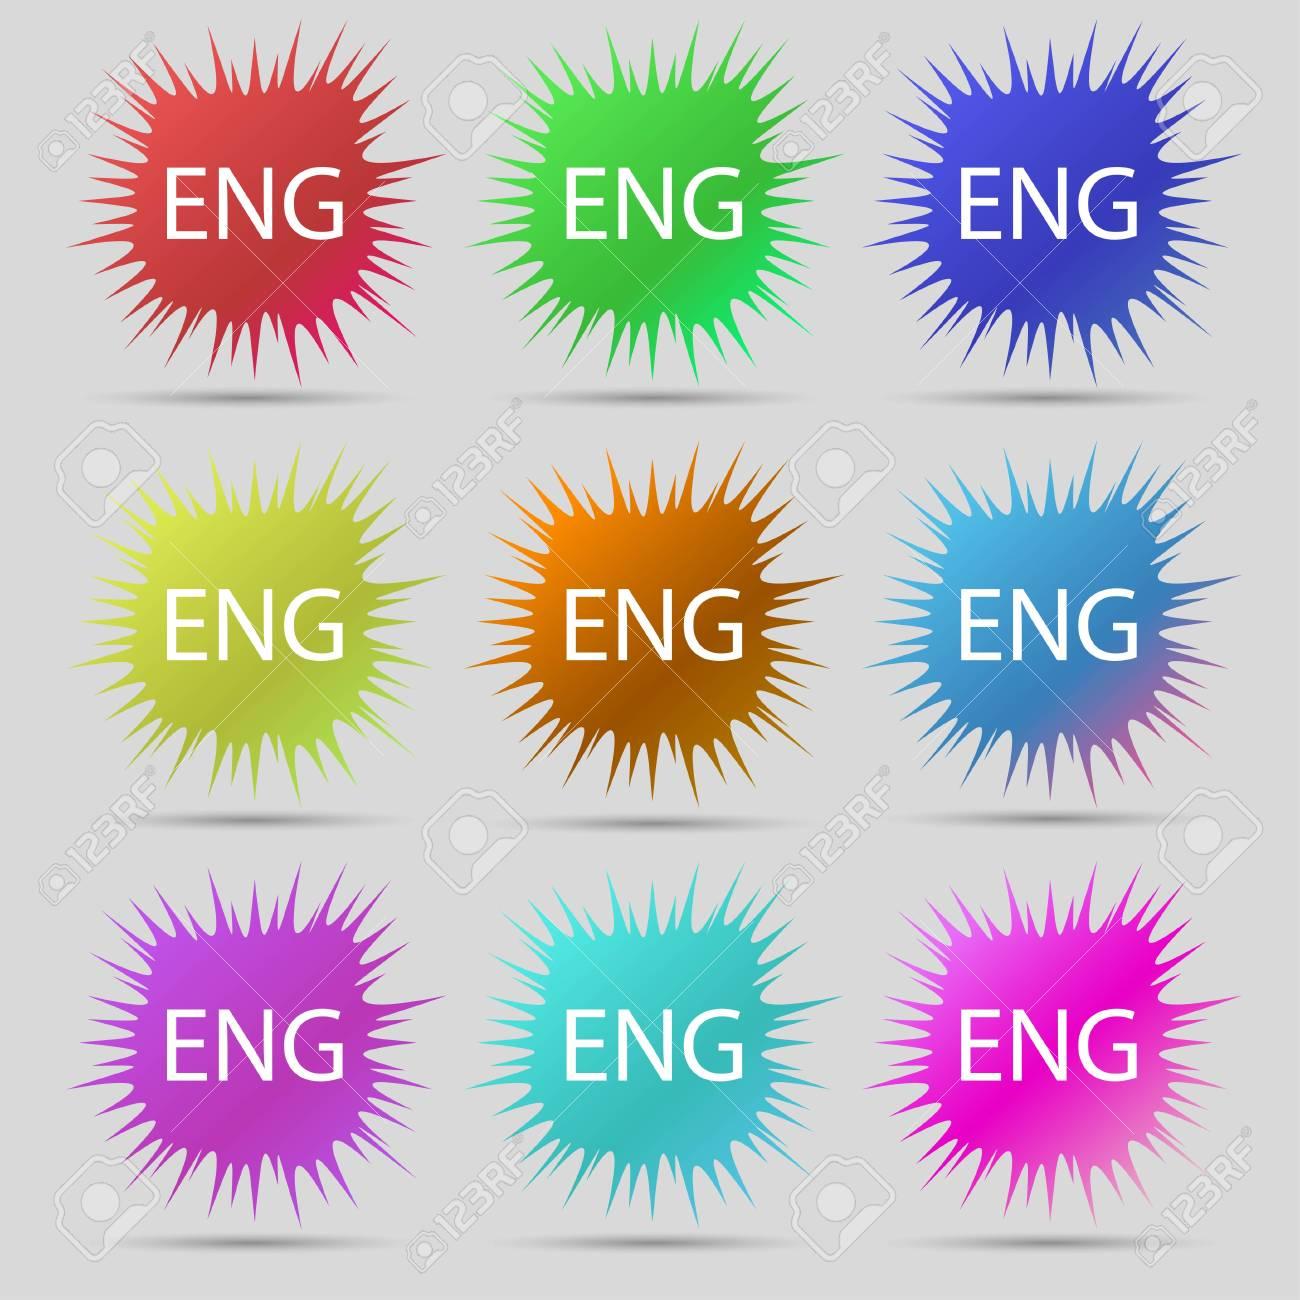 neun englisch